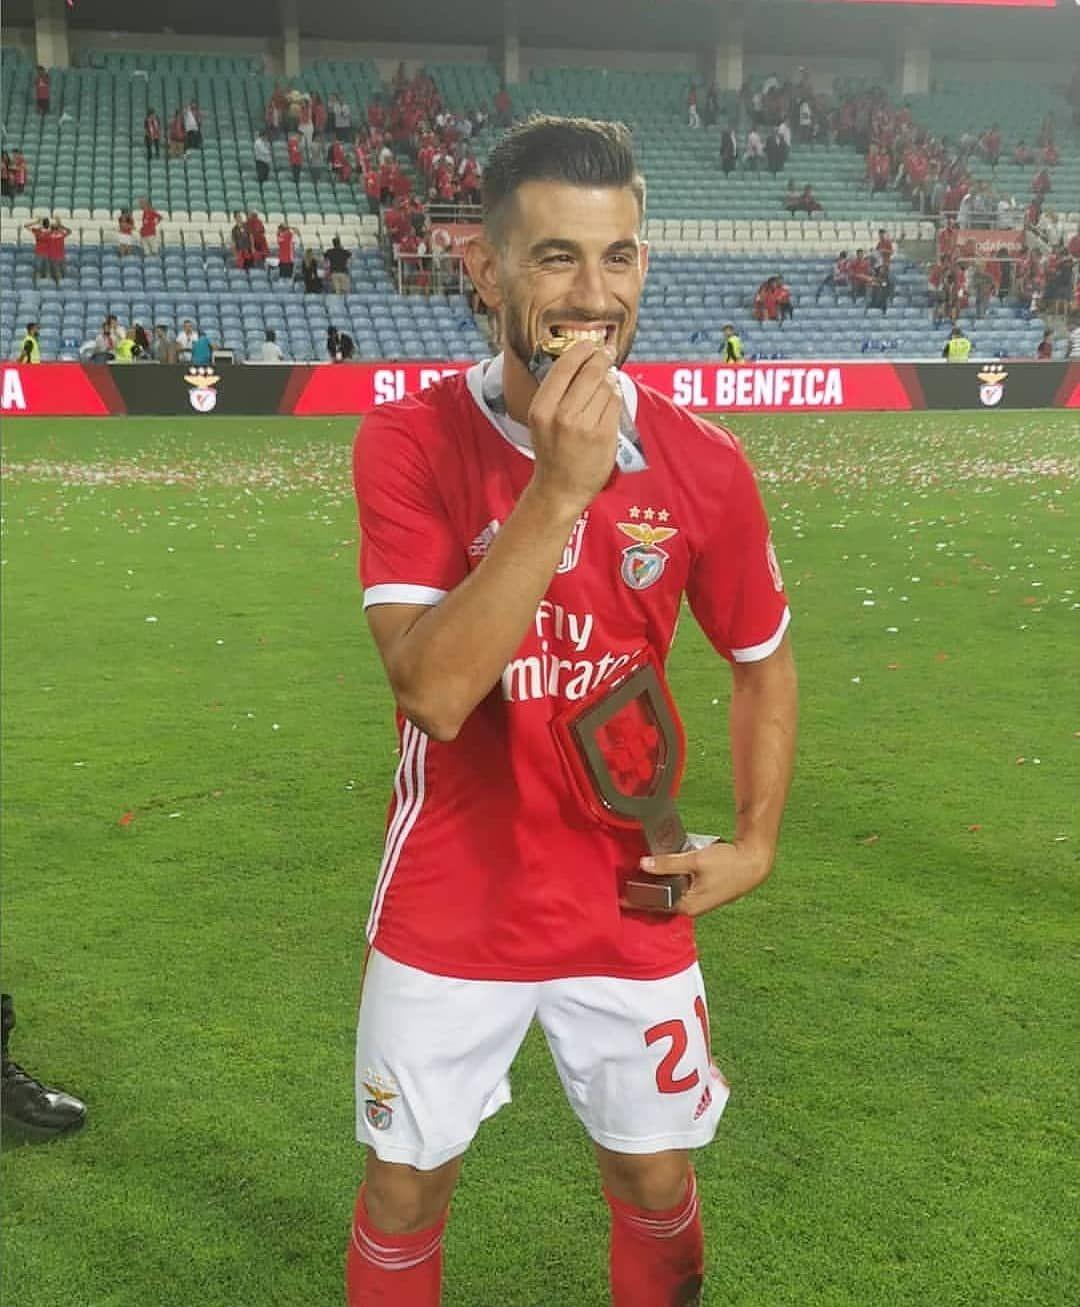 Benfica Tv Online Hoje Gratis : benfica, online, gratis, Benfica, Grande